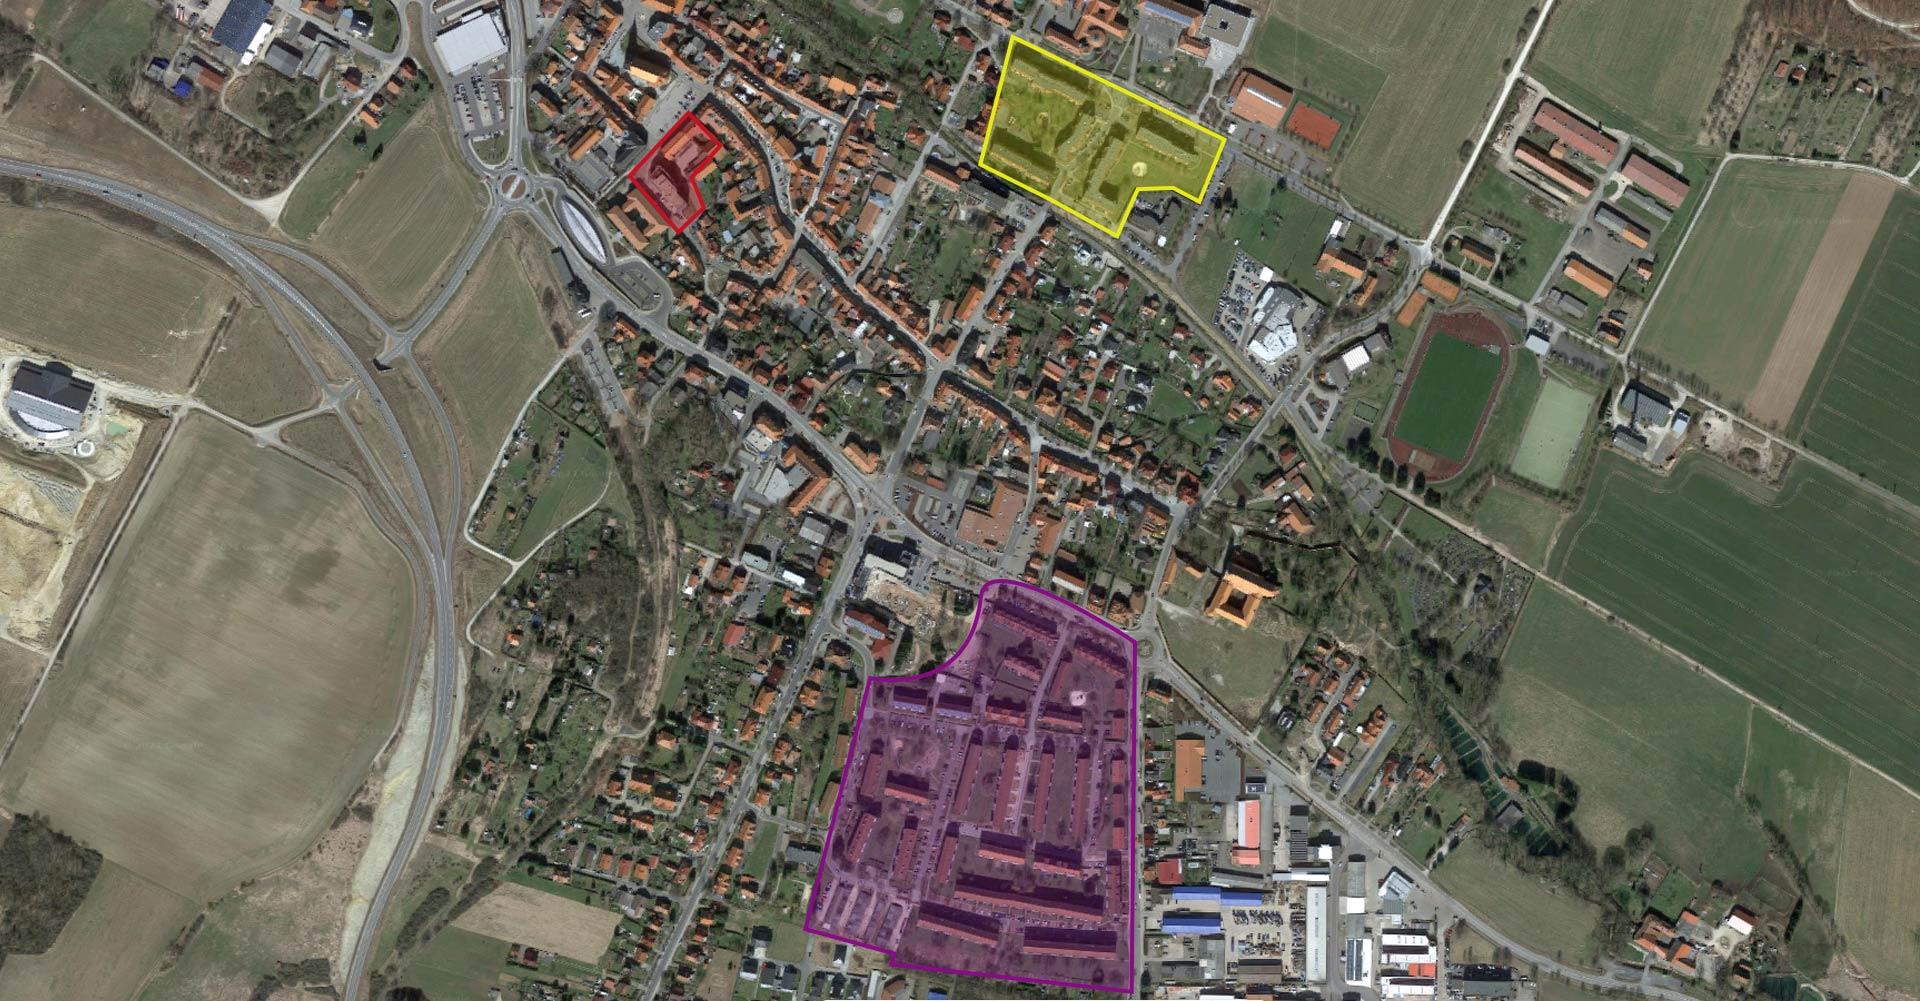 Wohnquartiere in Worbis